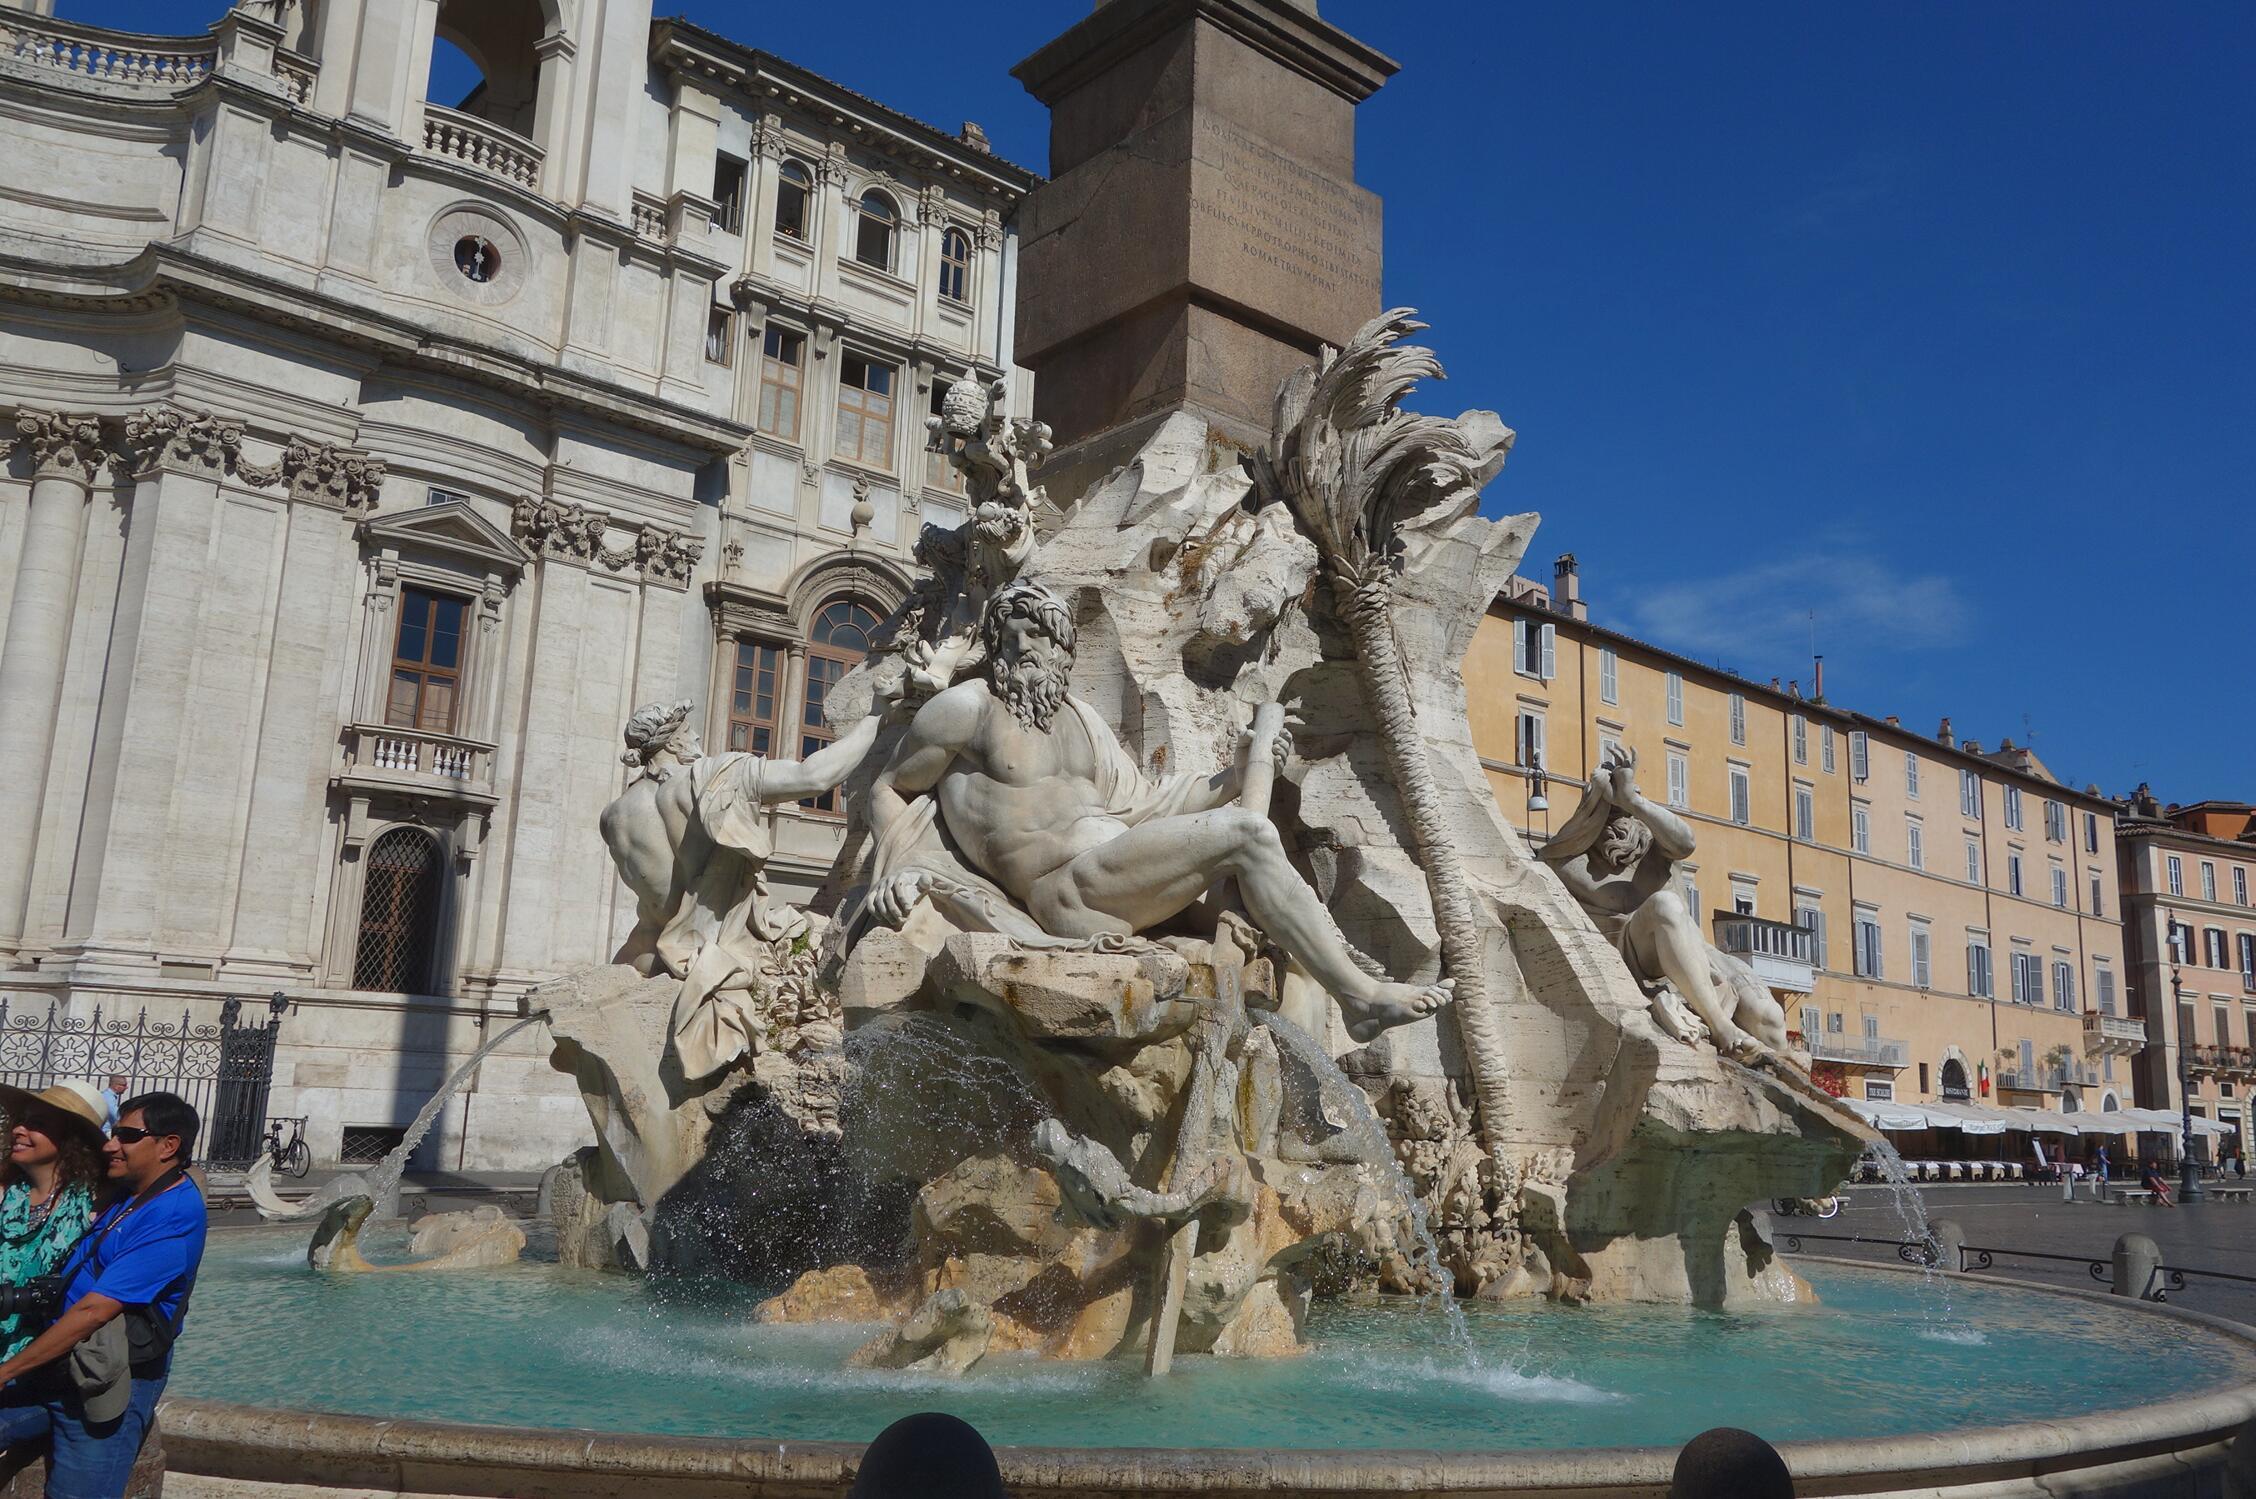 名作过眼:贝尔尼尼的喷泉雕塑05.jpg